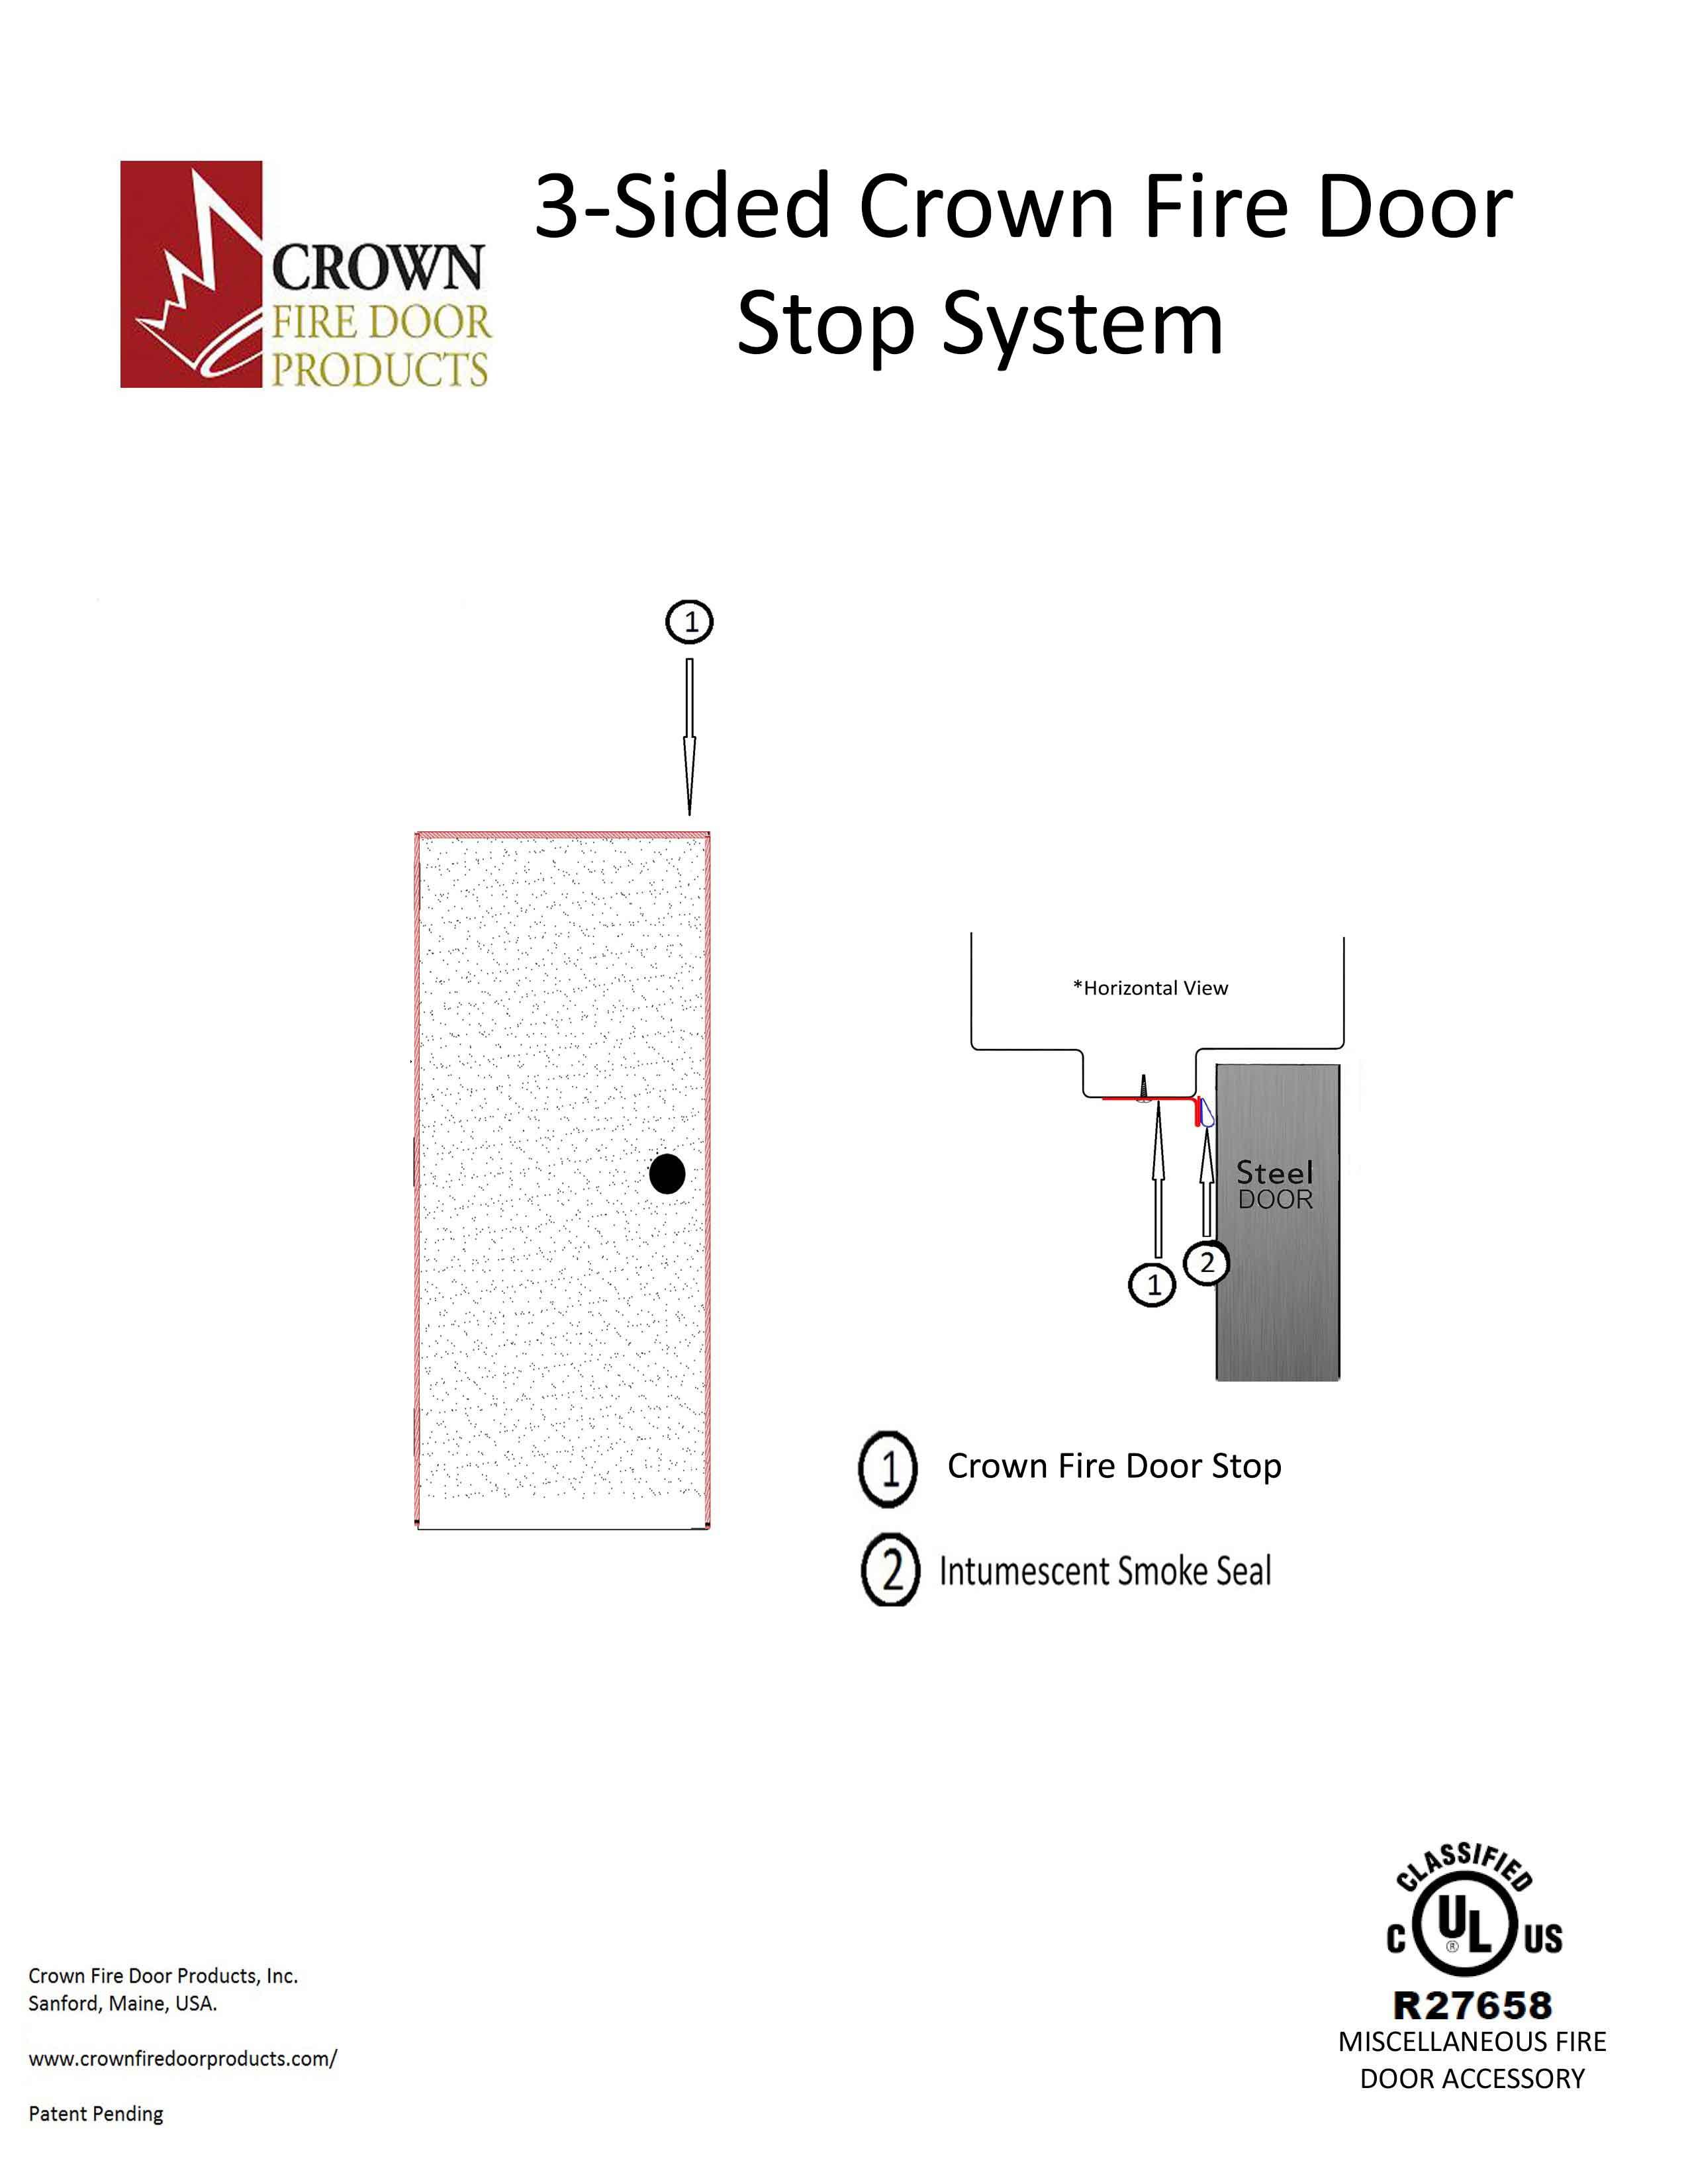 3-Sided-fire-door-stop  sc 1 st  Crown Fire Door Products & Crown Fire Door Stop System - Crown Fire Door Products